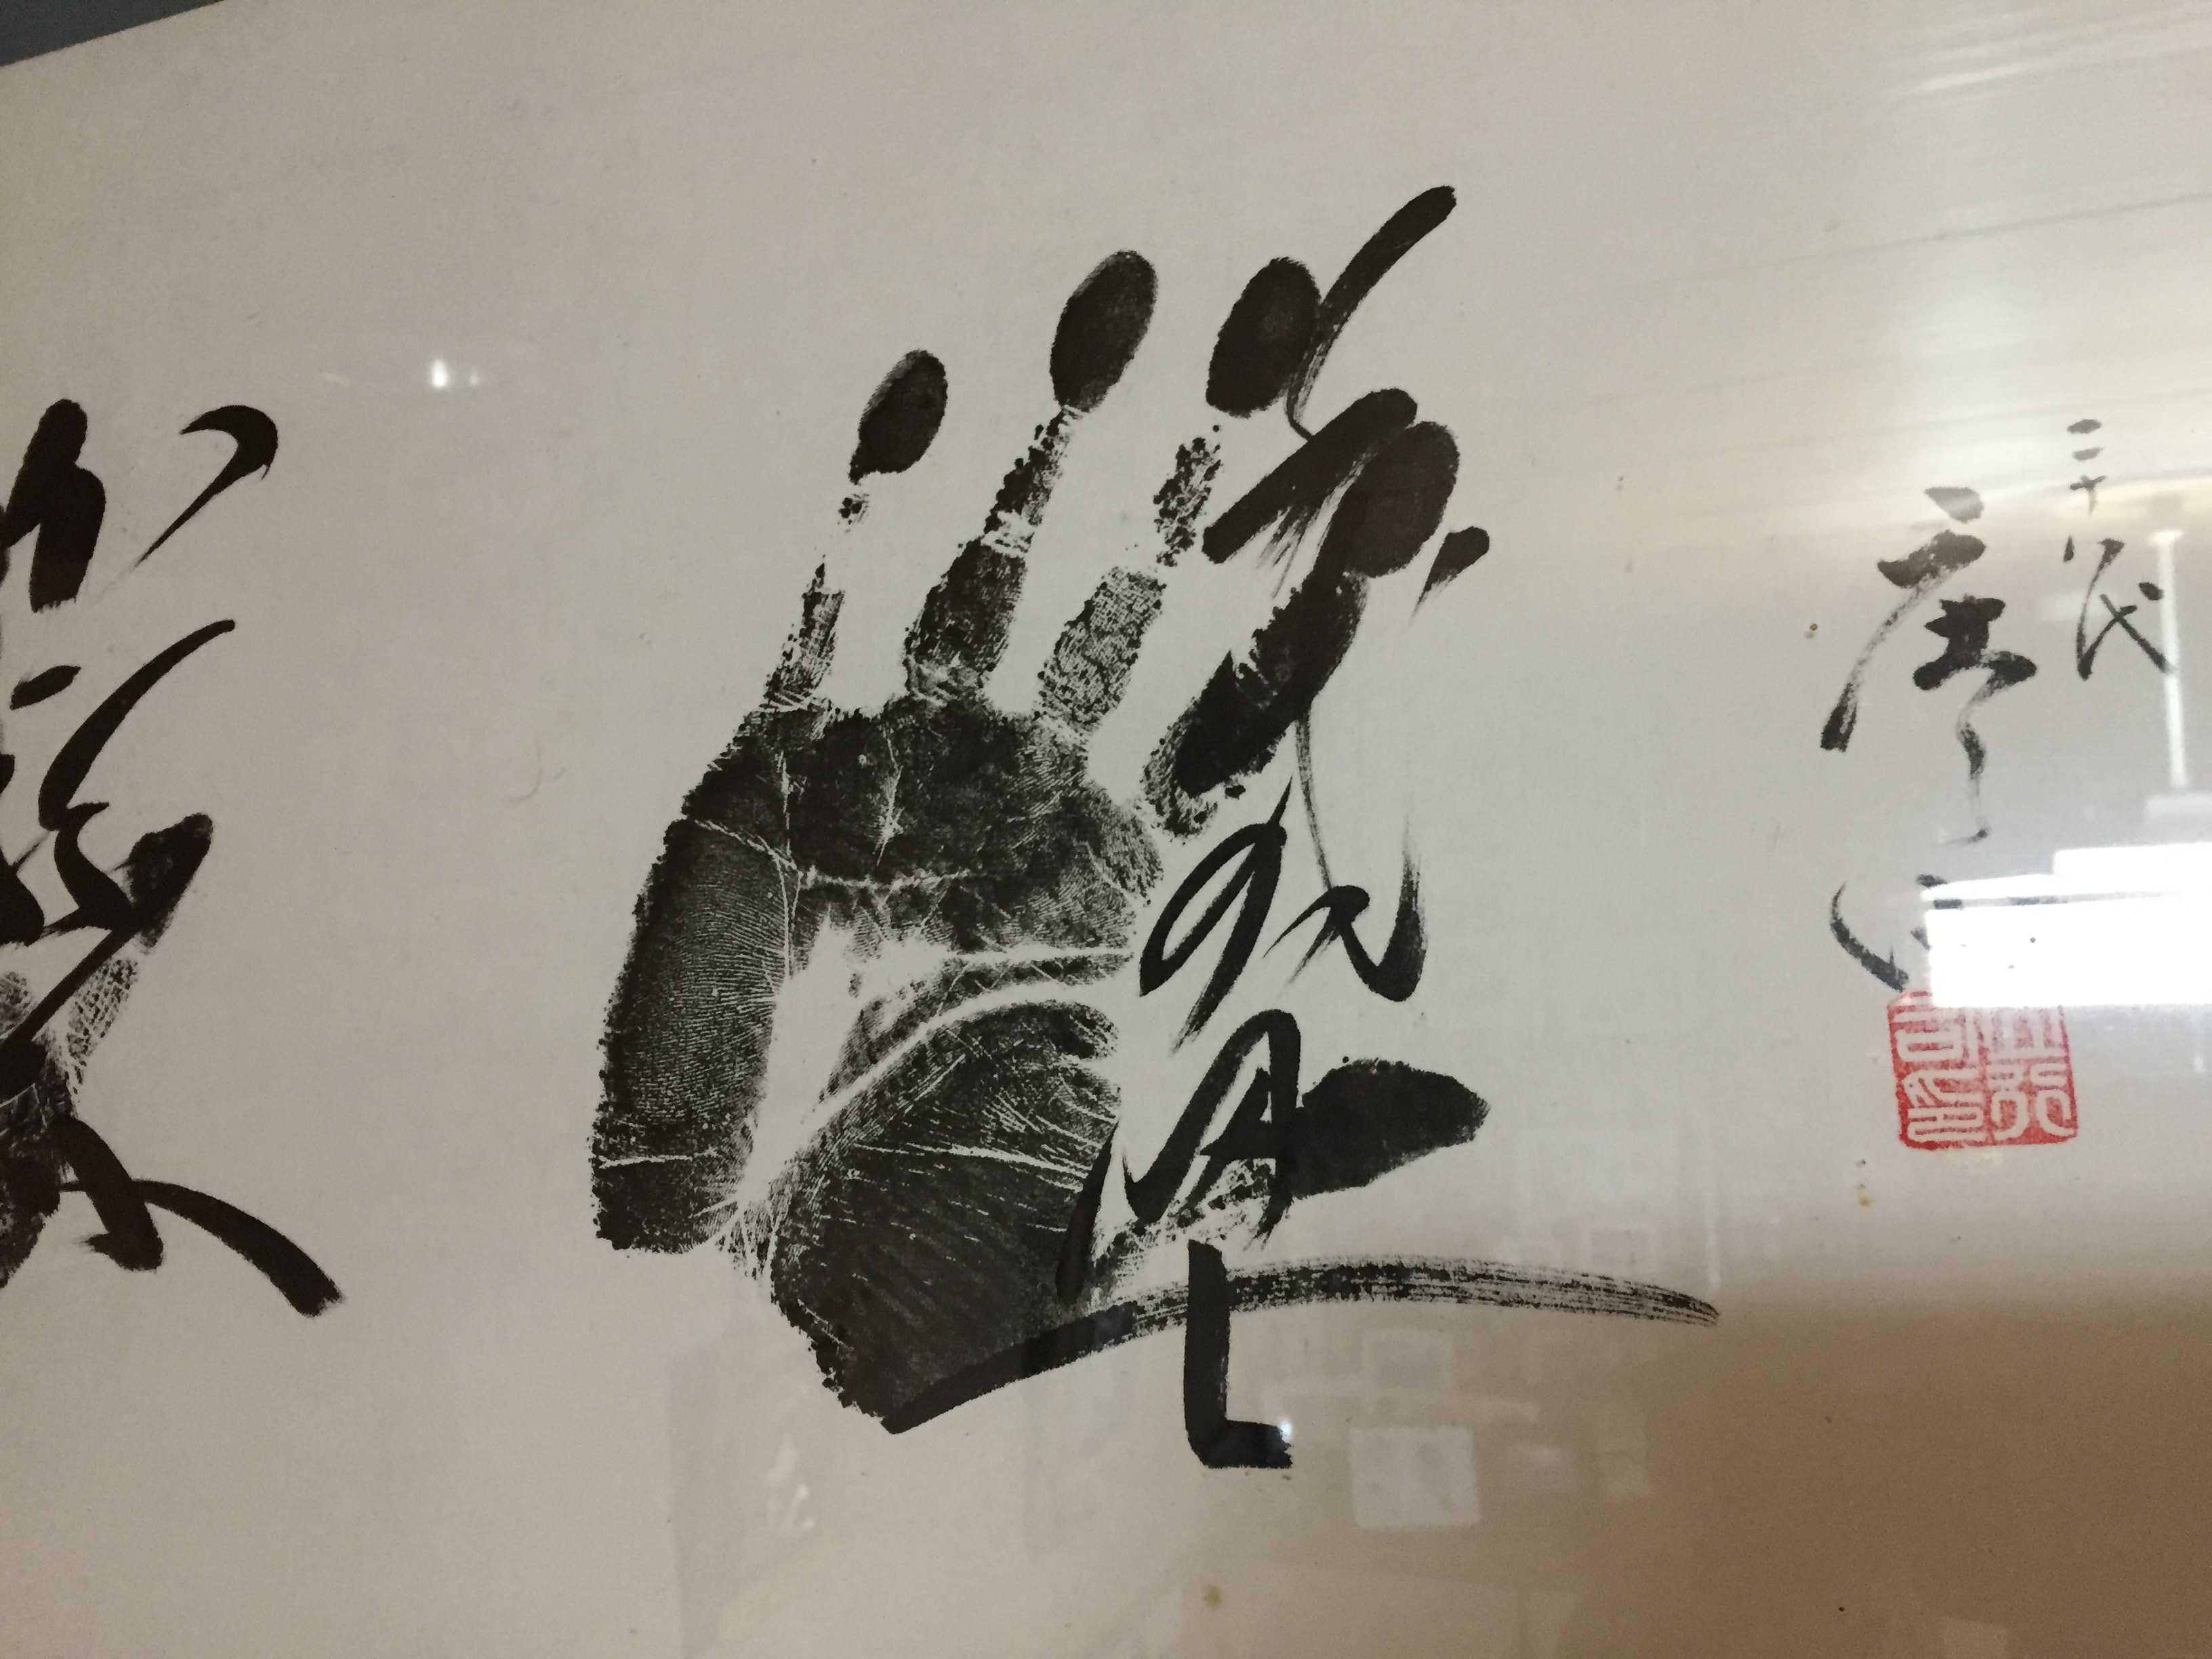 千代の富士(ちよのふじ)の手形とサイン